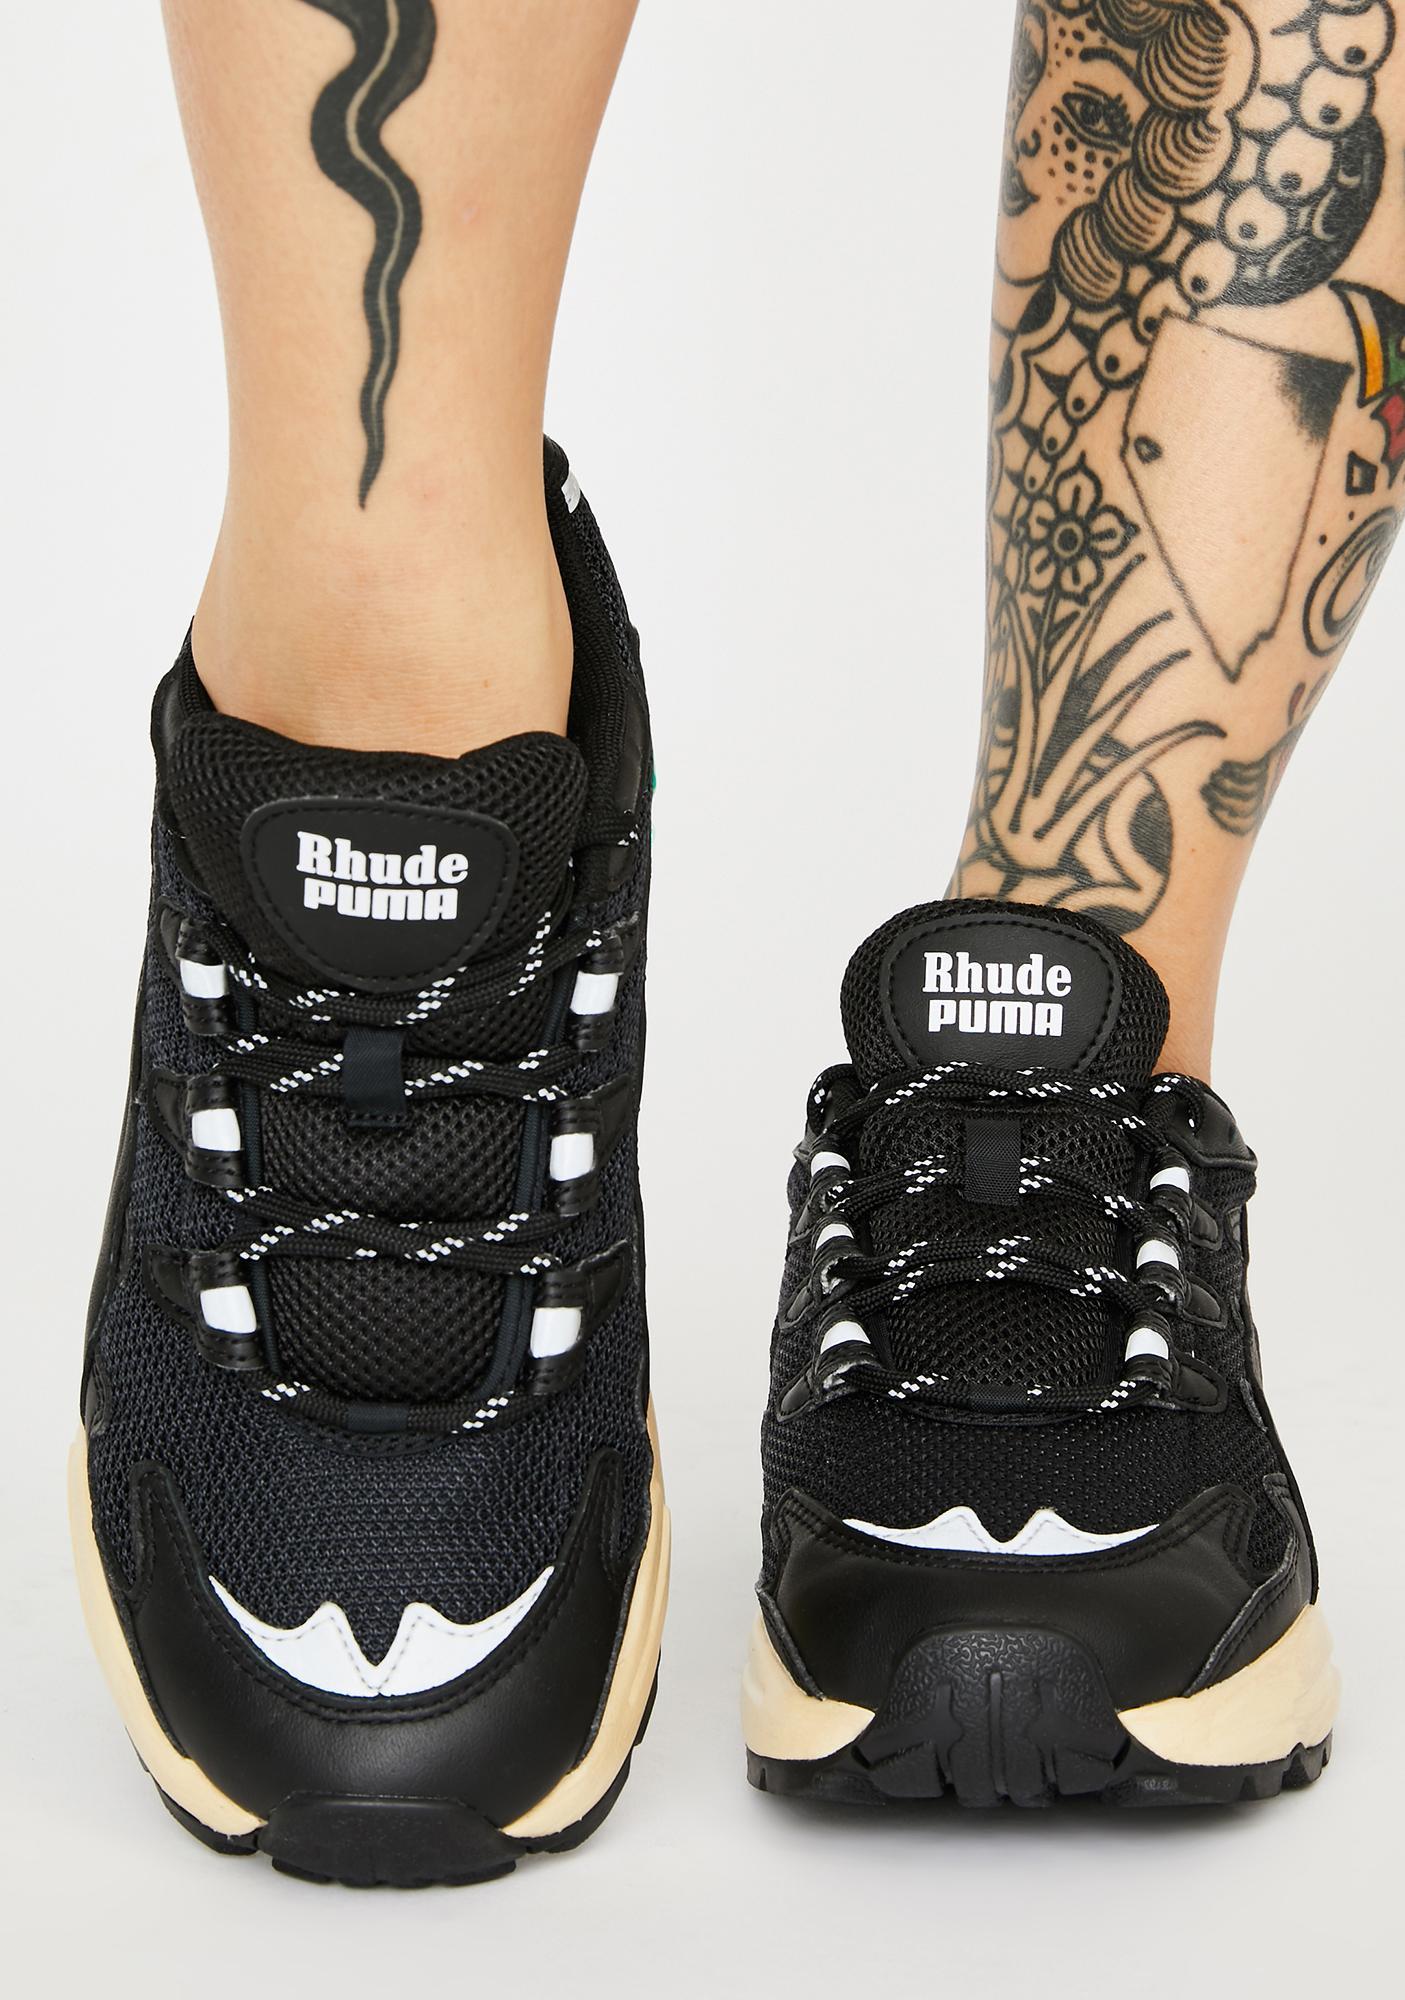 PUMA X Rhude Cell Alien Sneakers